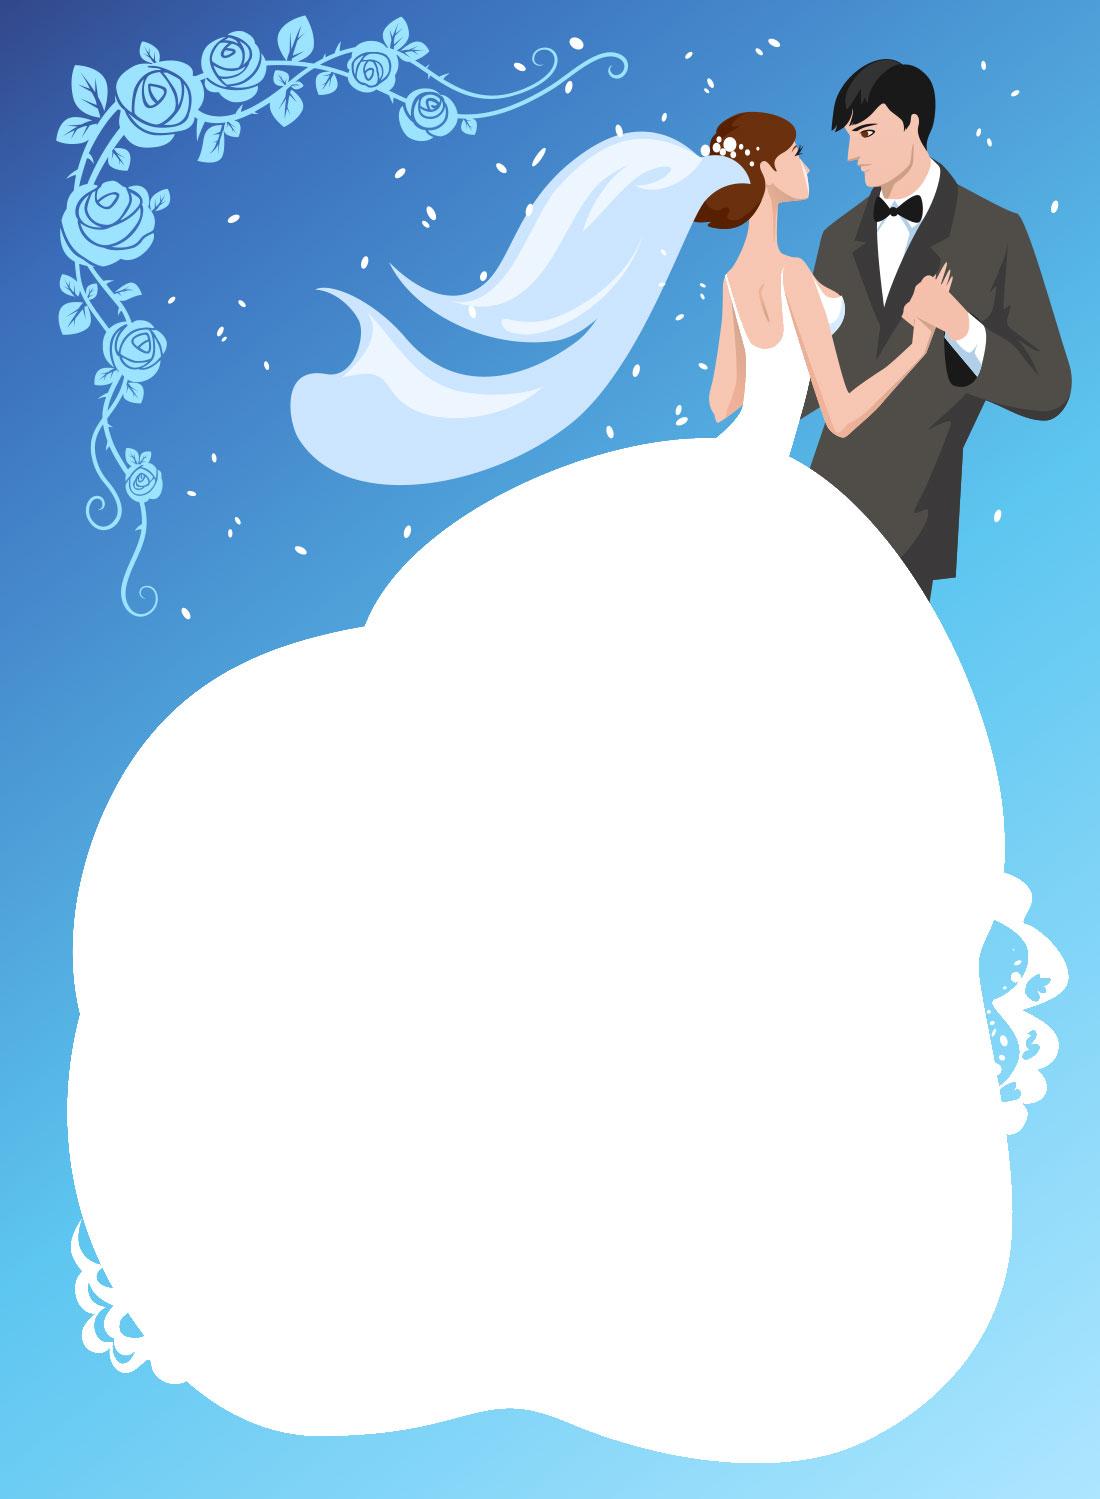 ブライダル : ブライダル フレーム イラスト : 結婚のイラストNo.178『フレーム ...